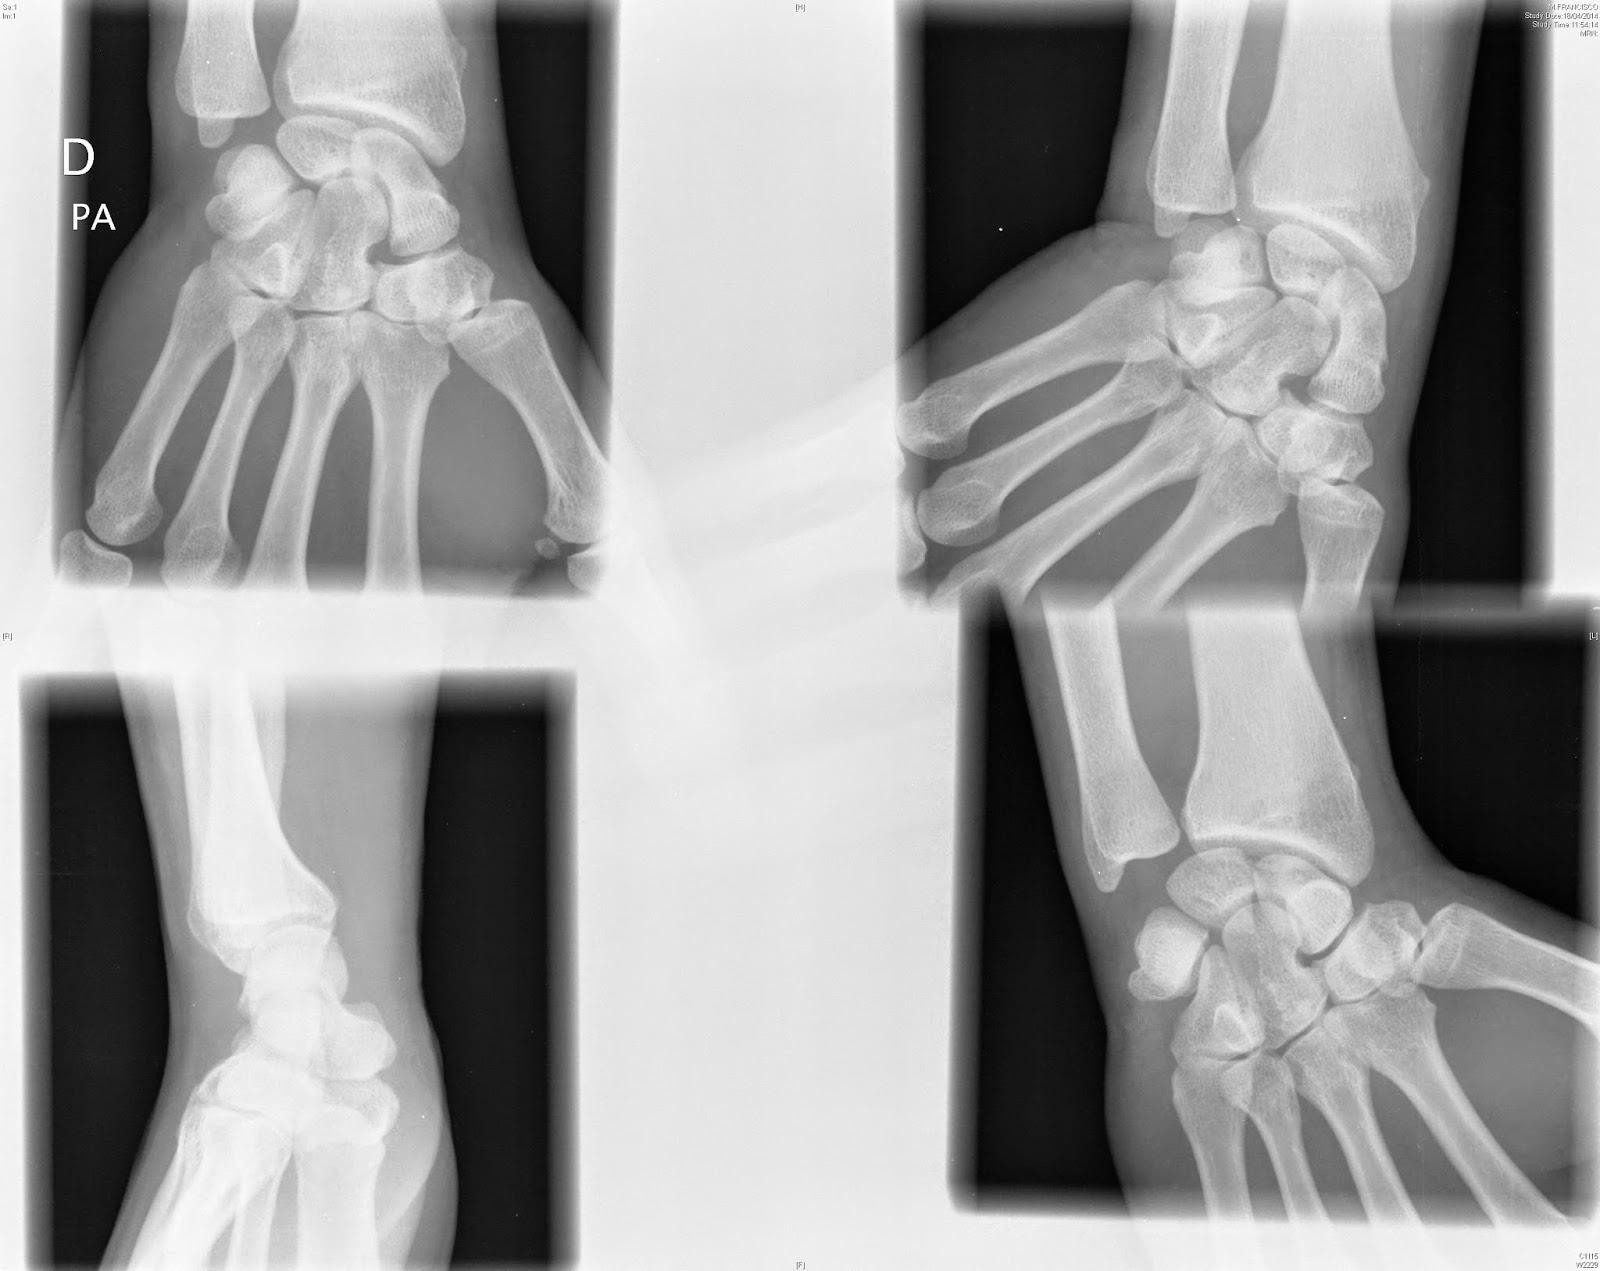 Tecnicos Radiologos: Pruebas Radiológicas para la fractura de escafoides